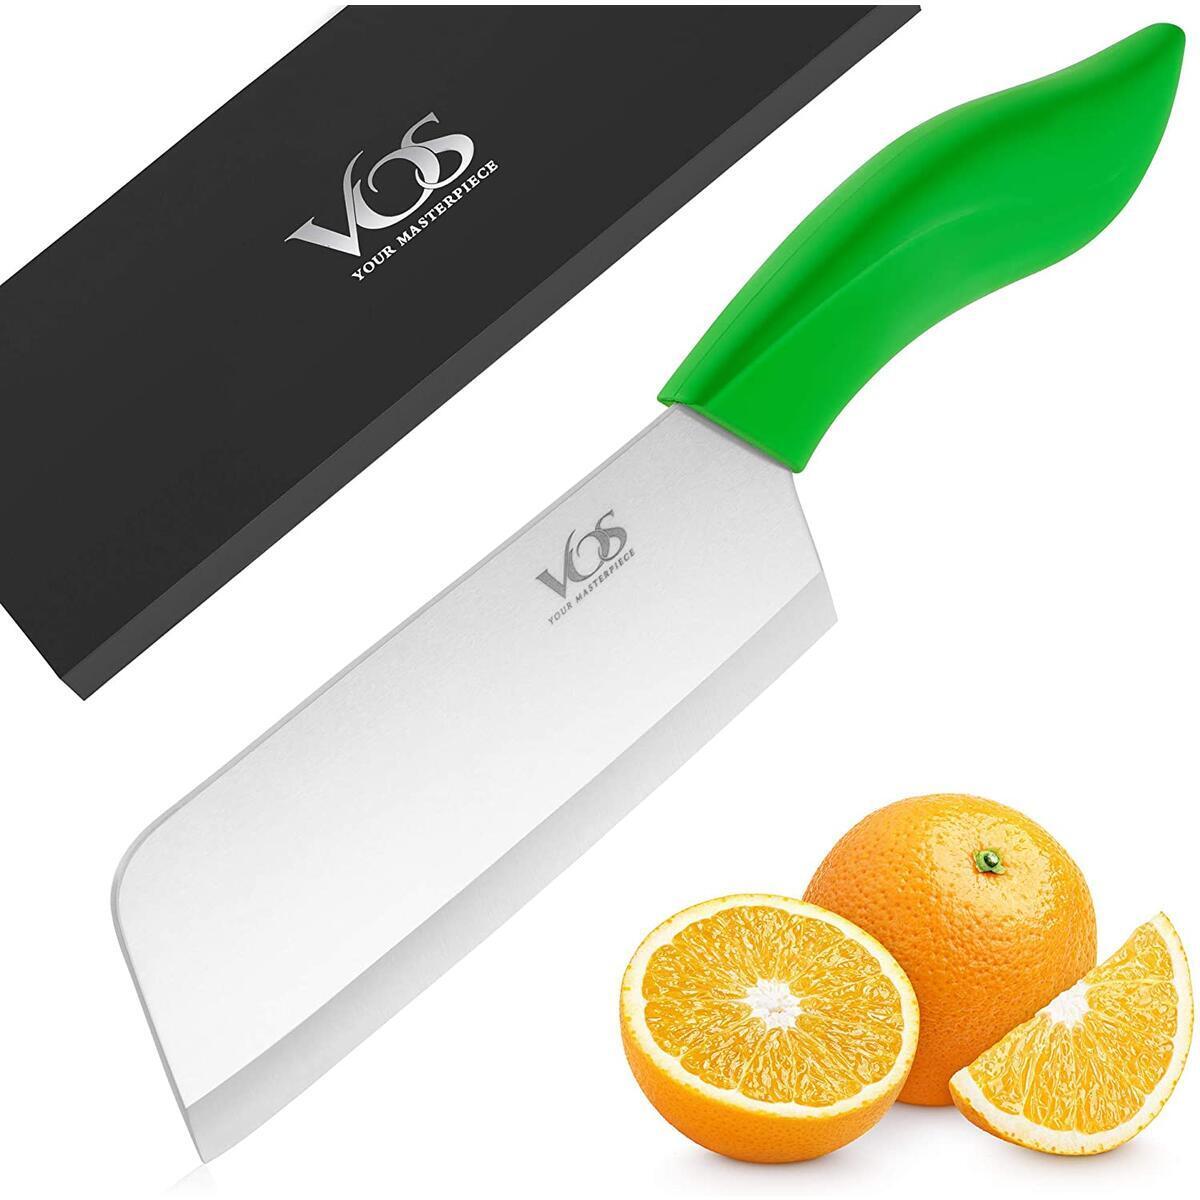 Vos Ceramic Knife 6.5 Inch Ceramic Cleaver